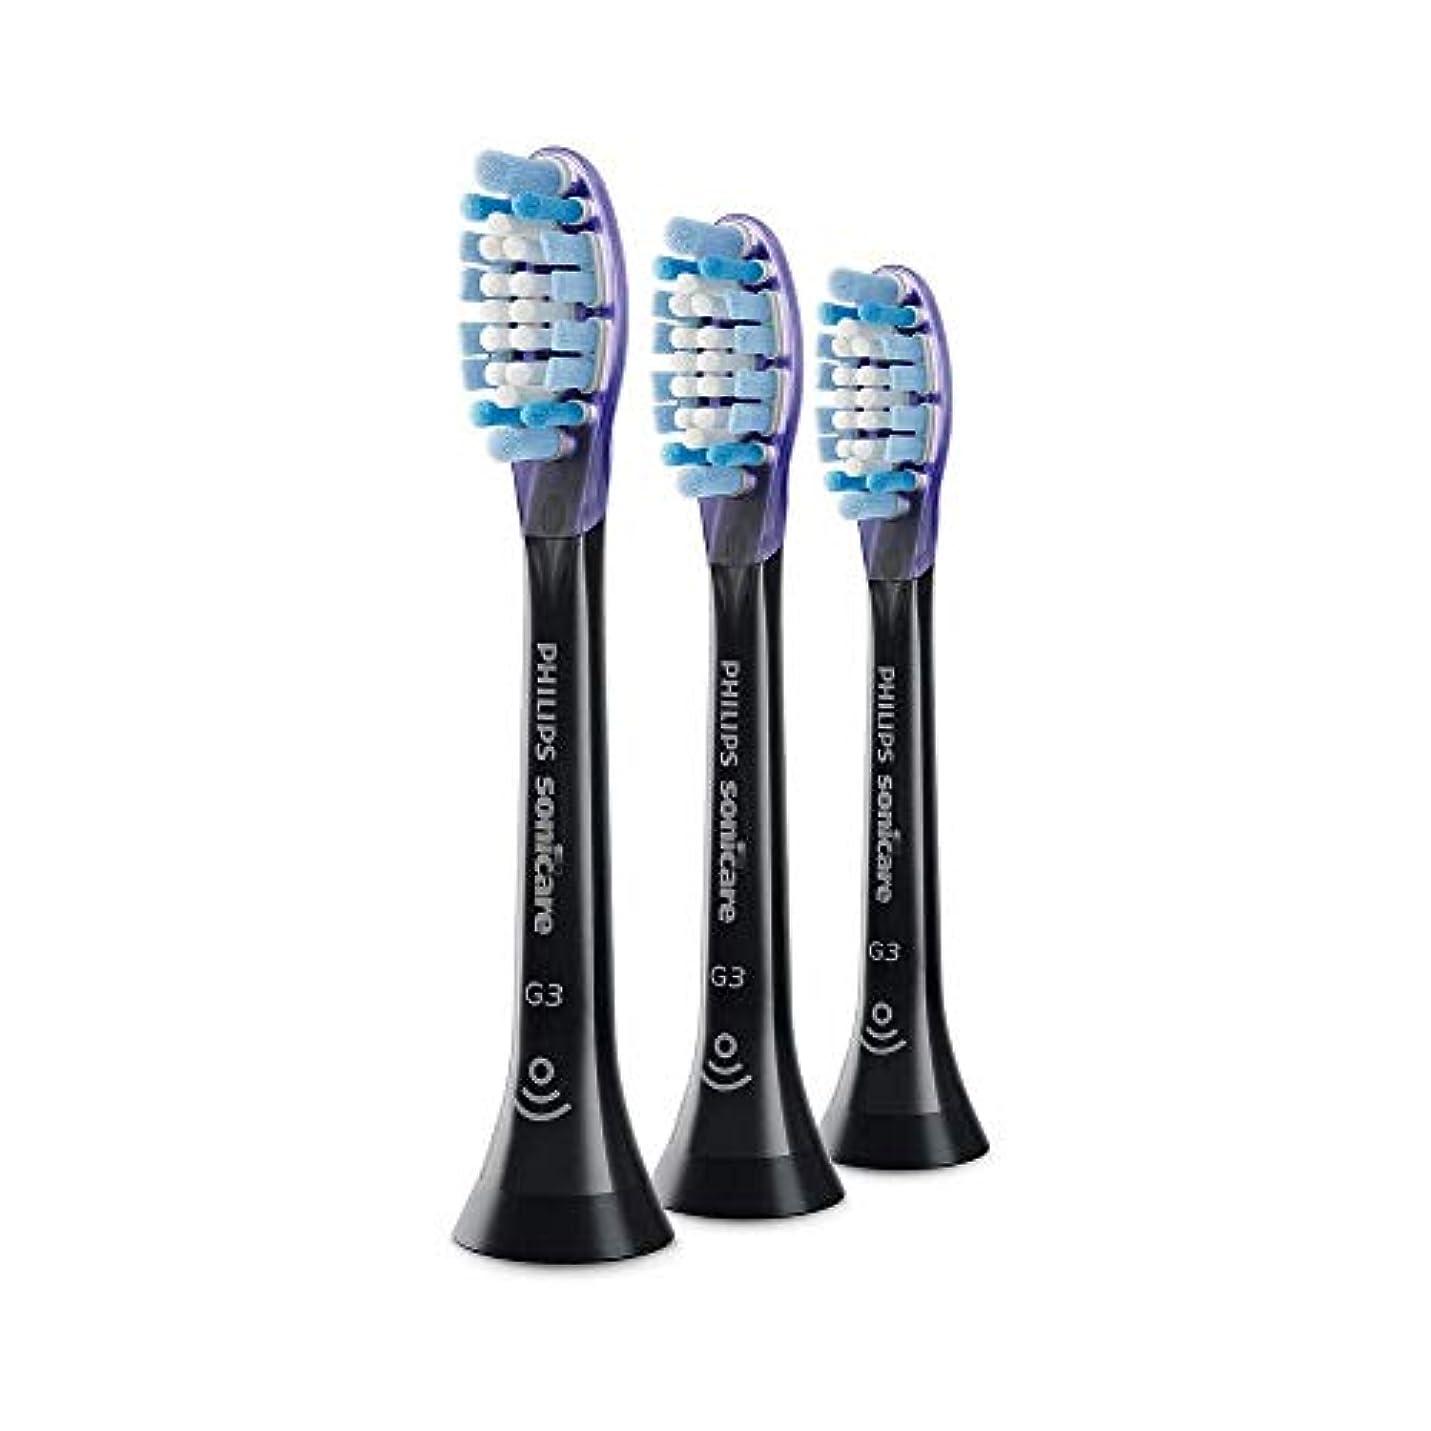 敏感なレイアウトつづりPhilips HX9053 Sonicare G3 Premium GumCare 標準のソニック歯ブラシヘッド Black [並行輸入品]